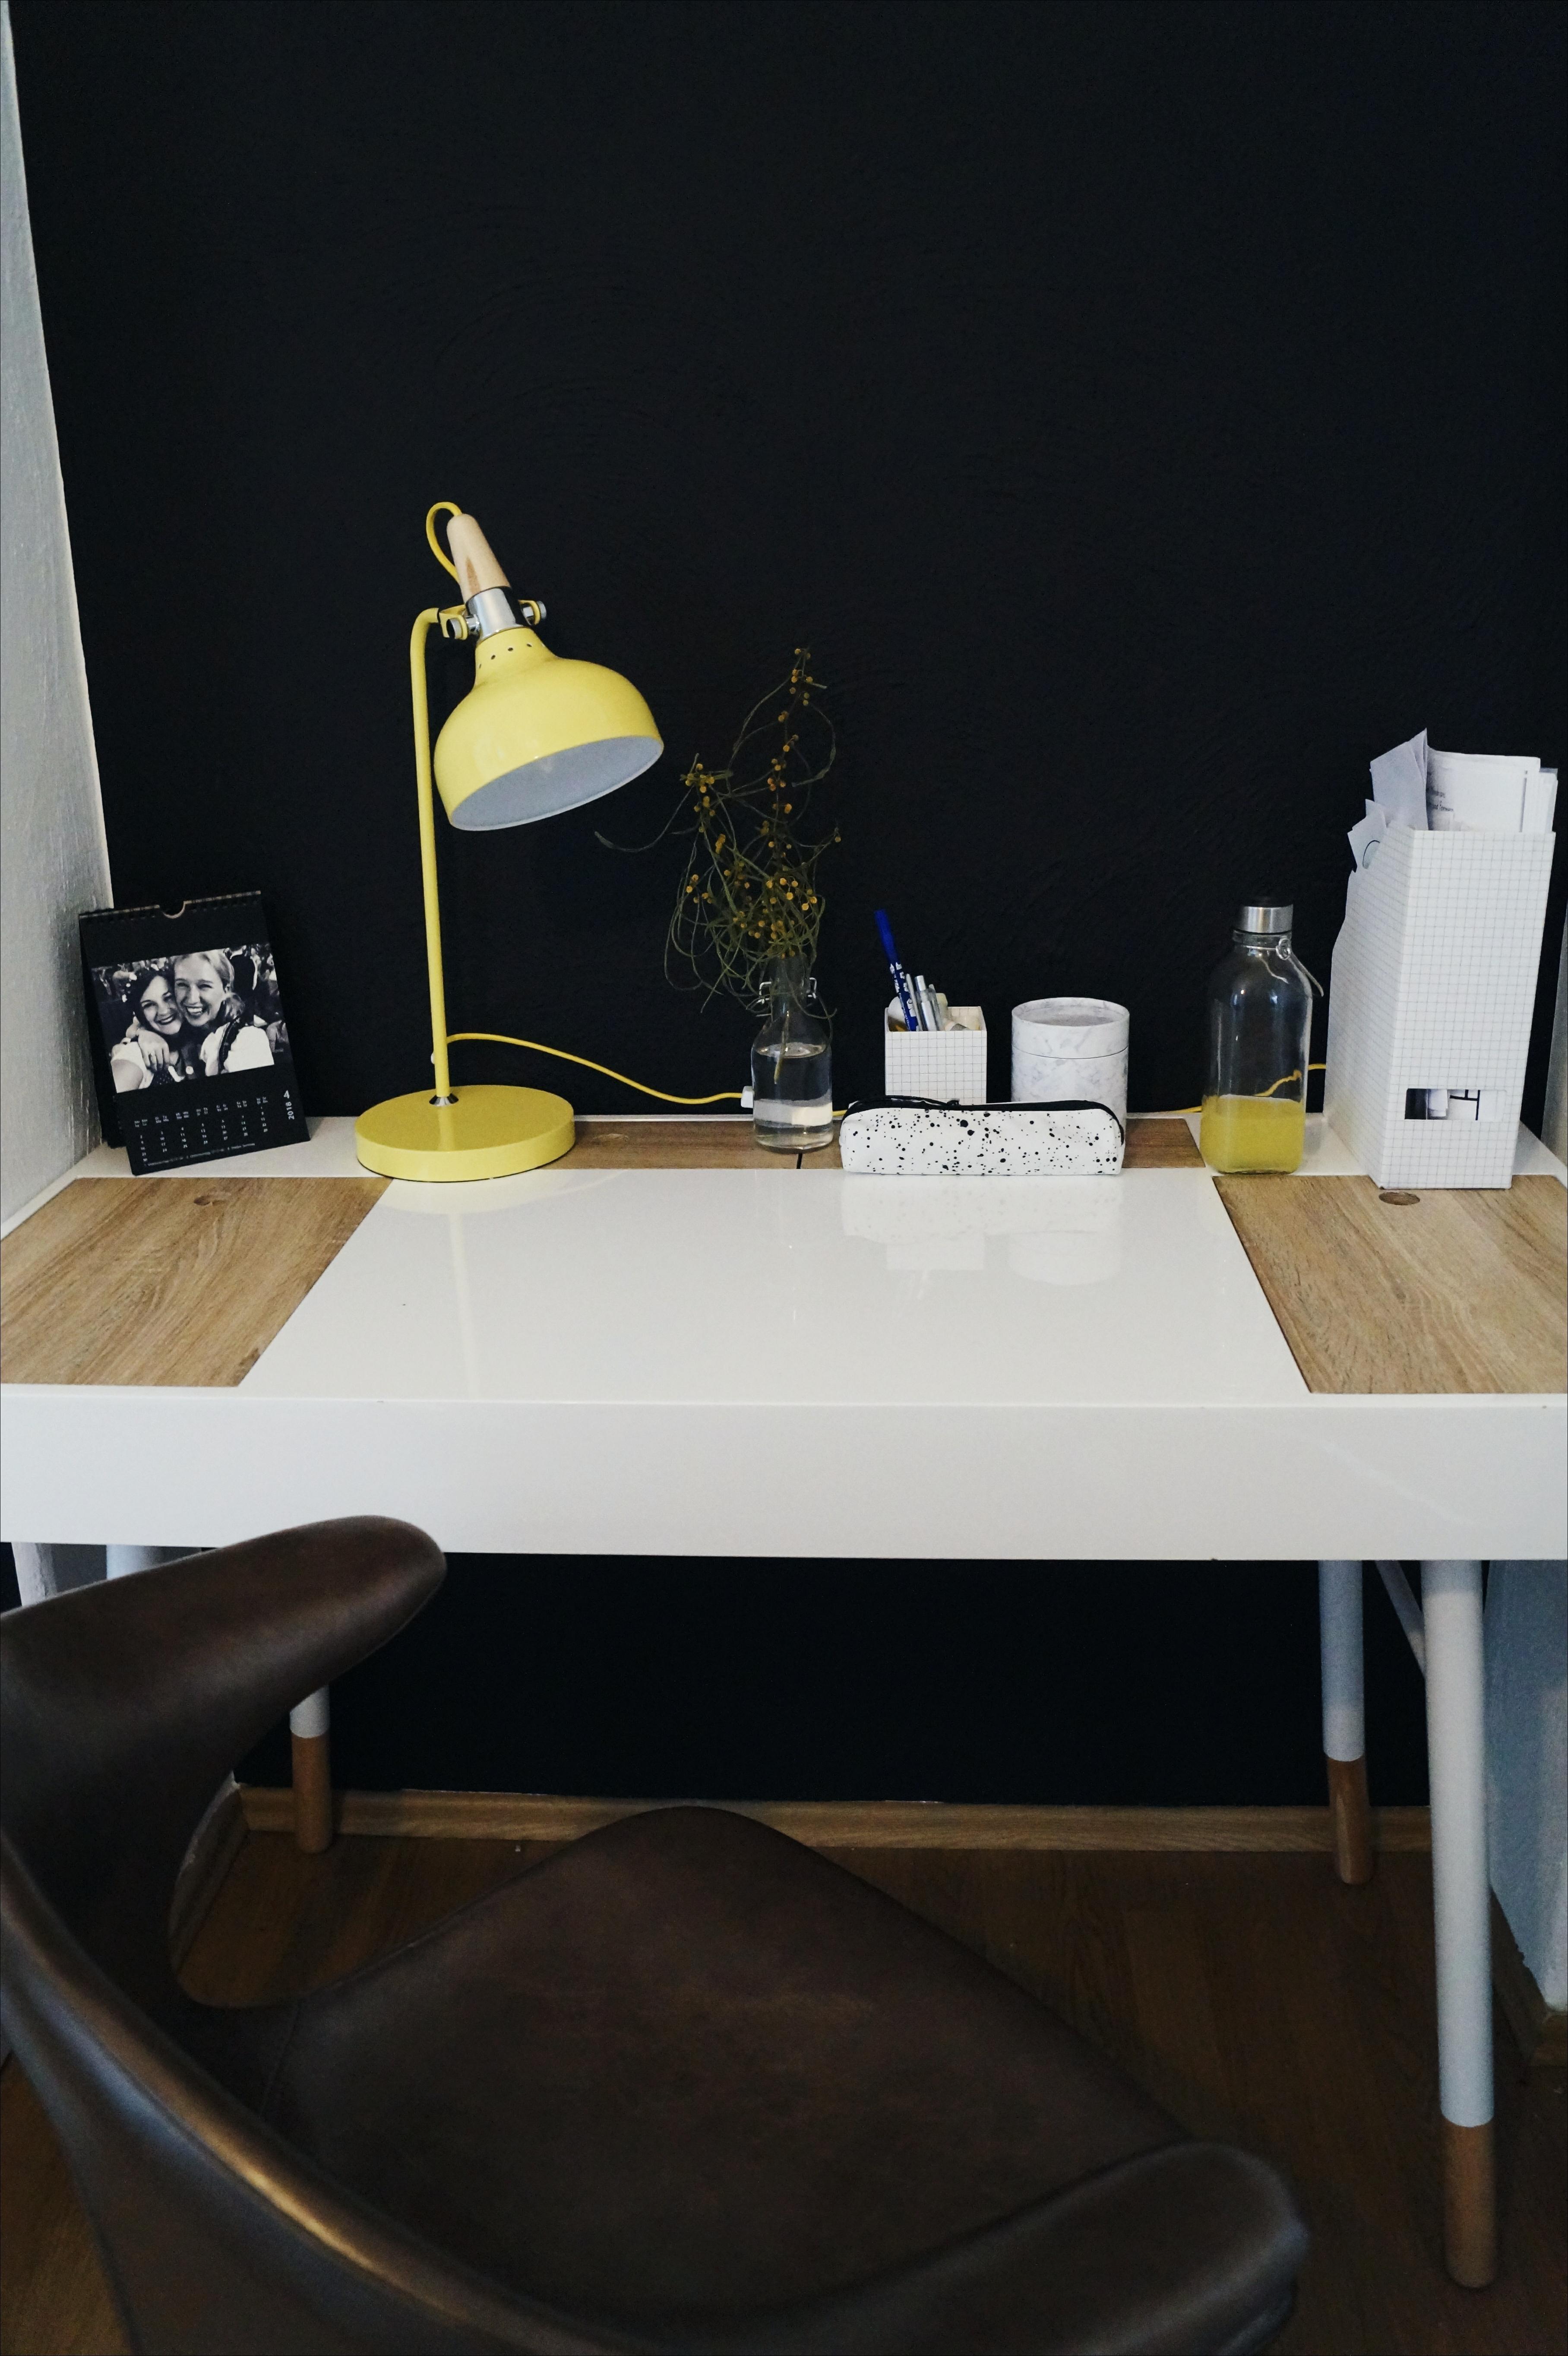 arbeitsplatz ideen hier macht arbeiten spa. Black Bedroom Furniture Sets. Home Design Ideas